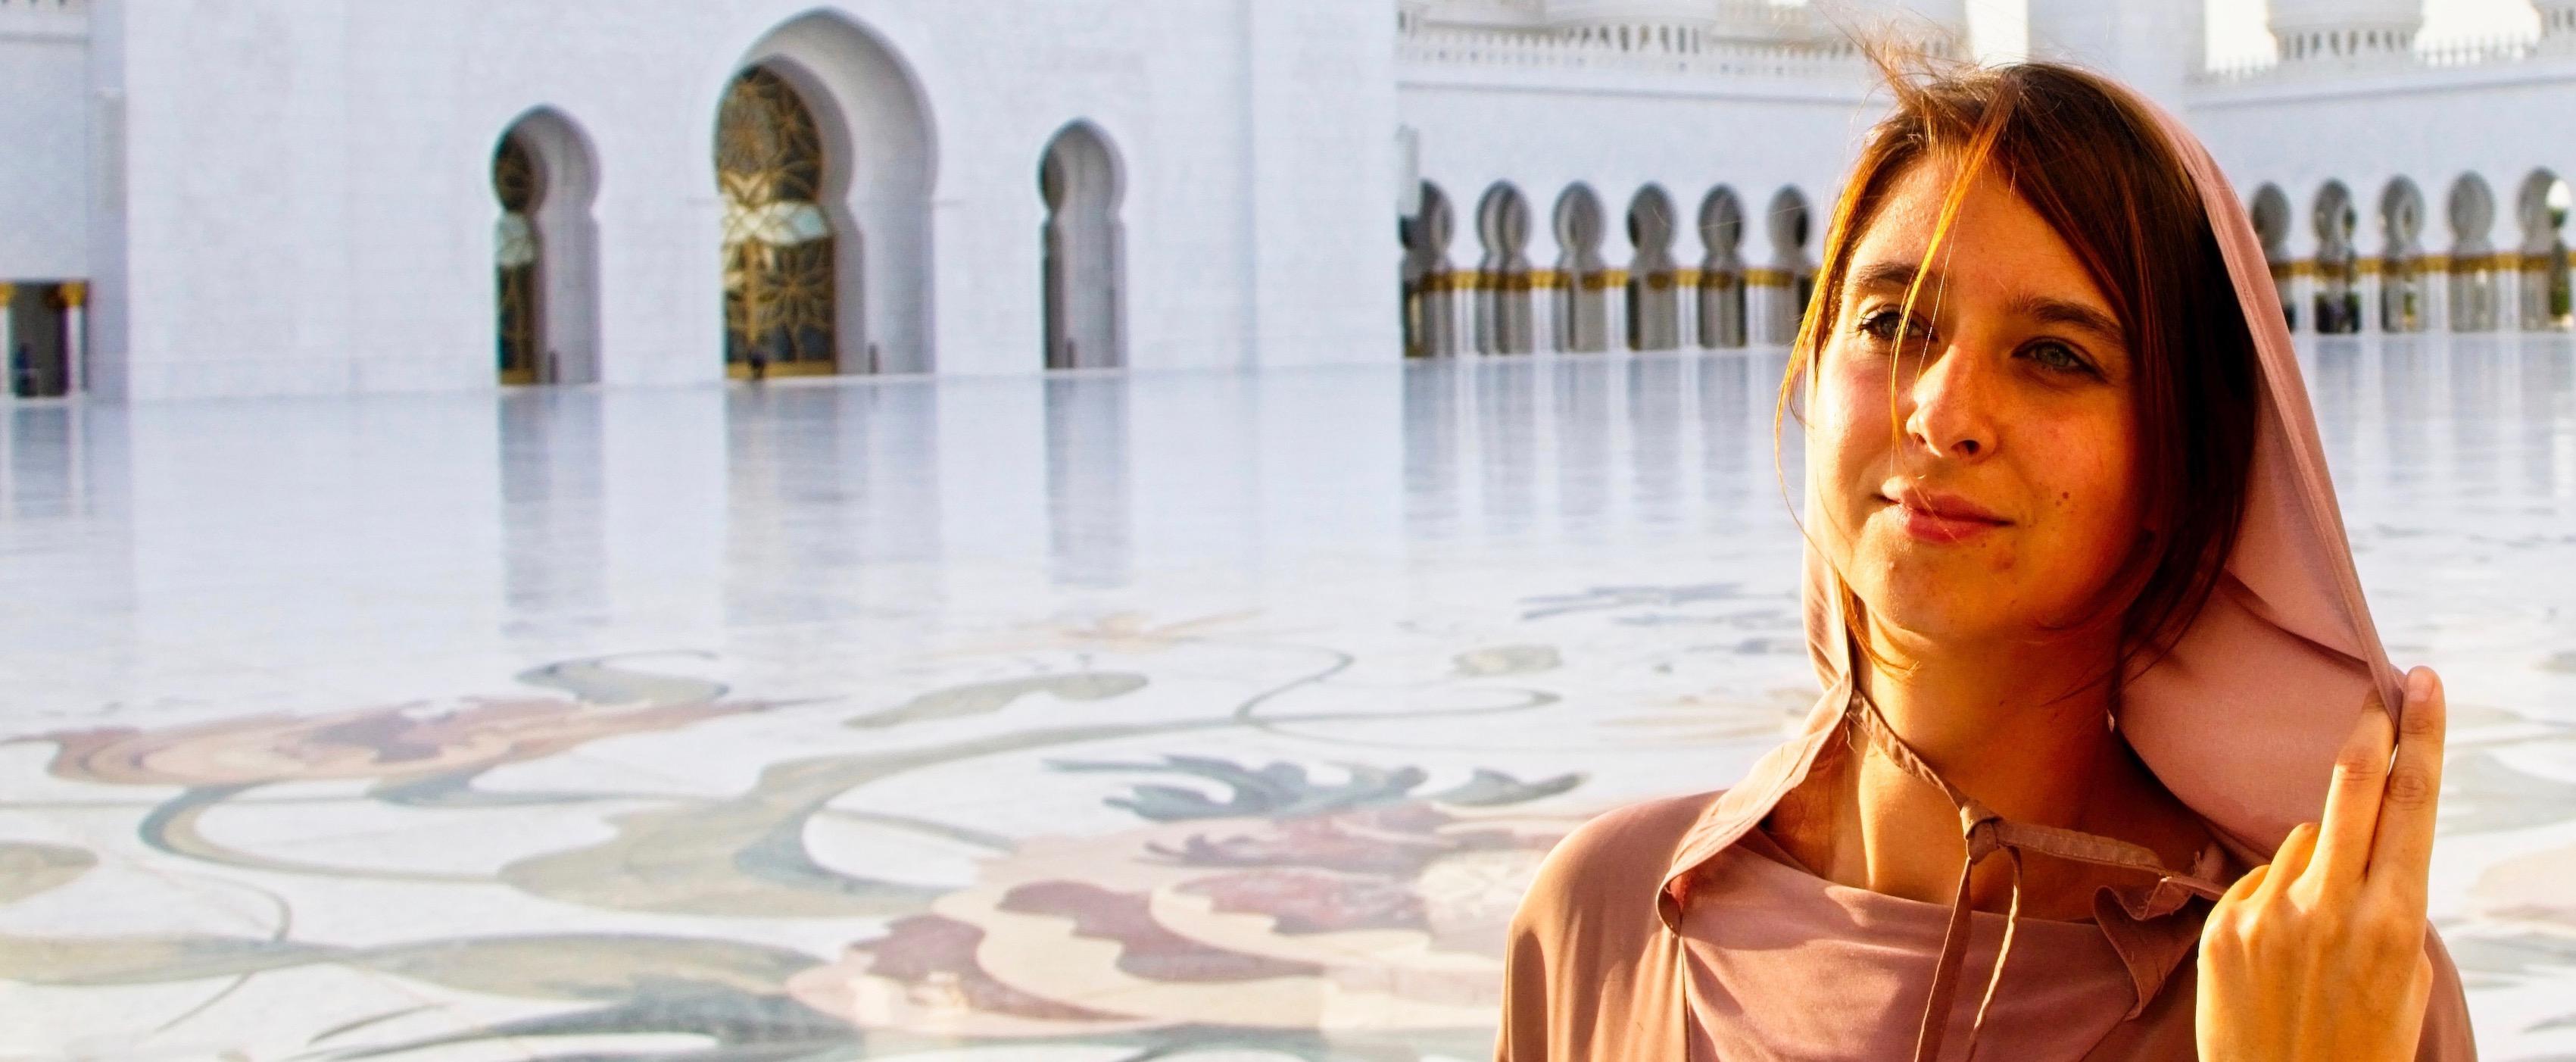 Sheikh Zayed Moschee in Abu Dhabi, Reiseblog Weltbeats